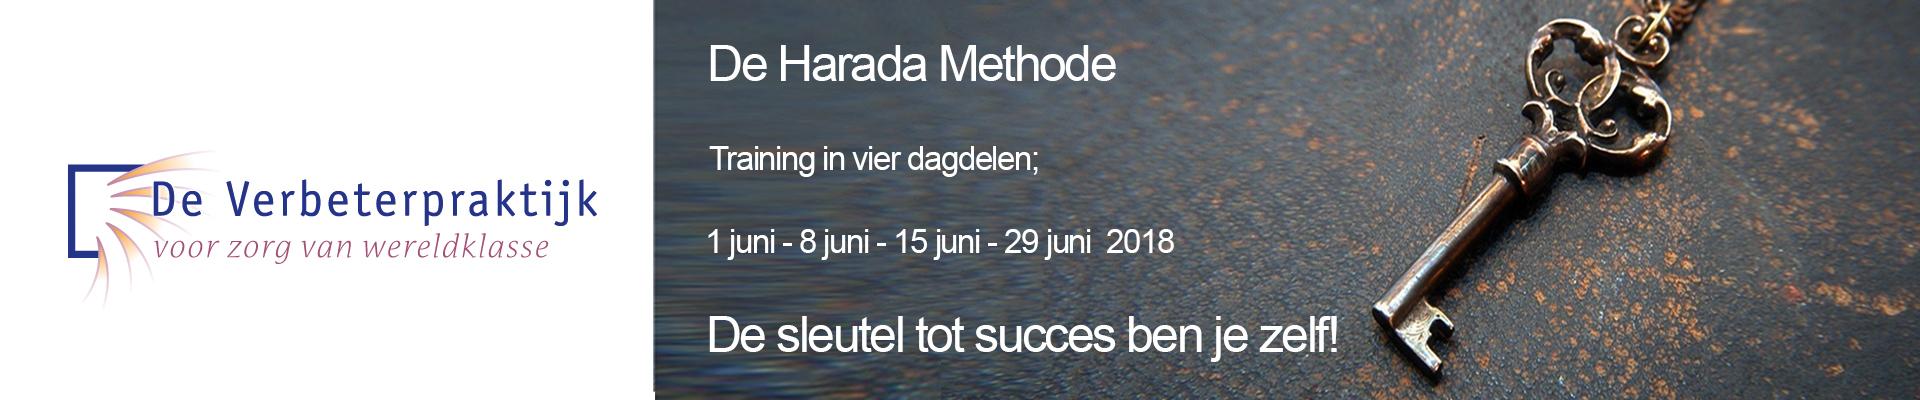 Harada training juni 2018